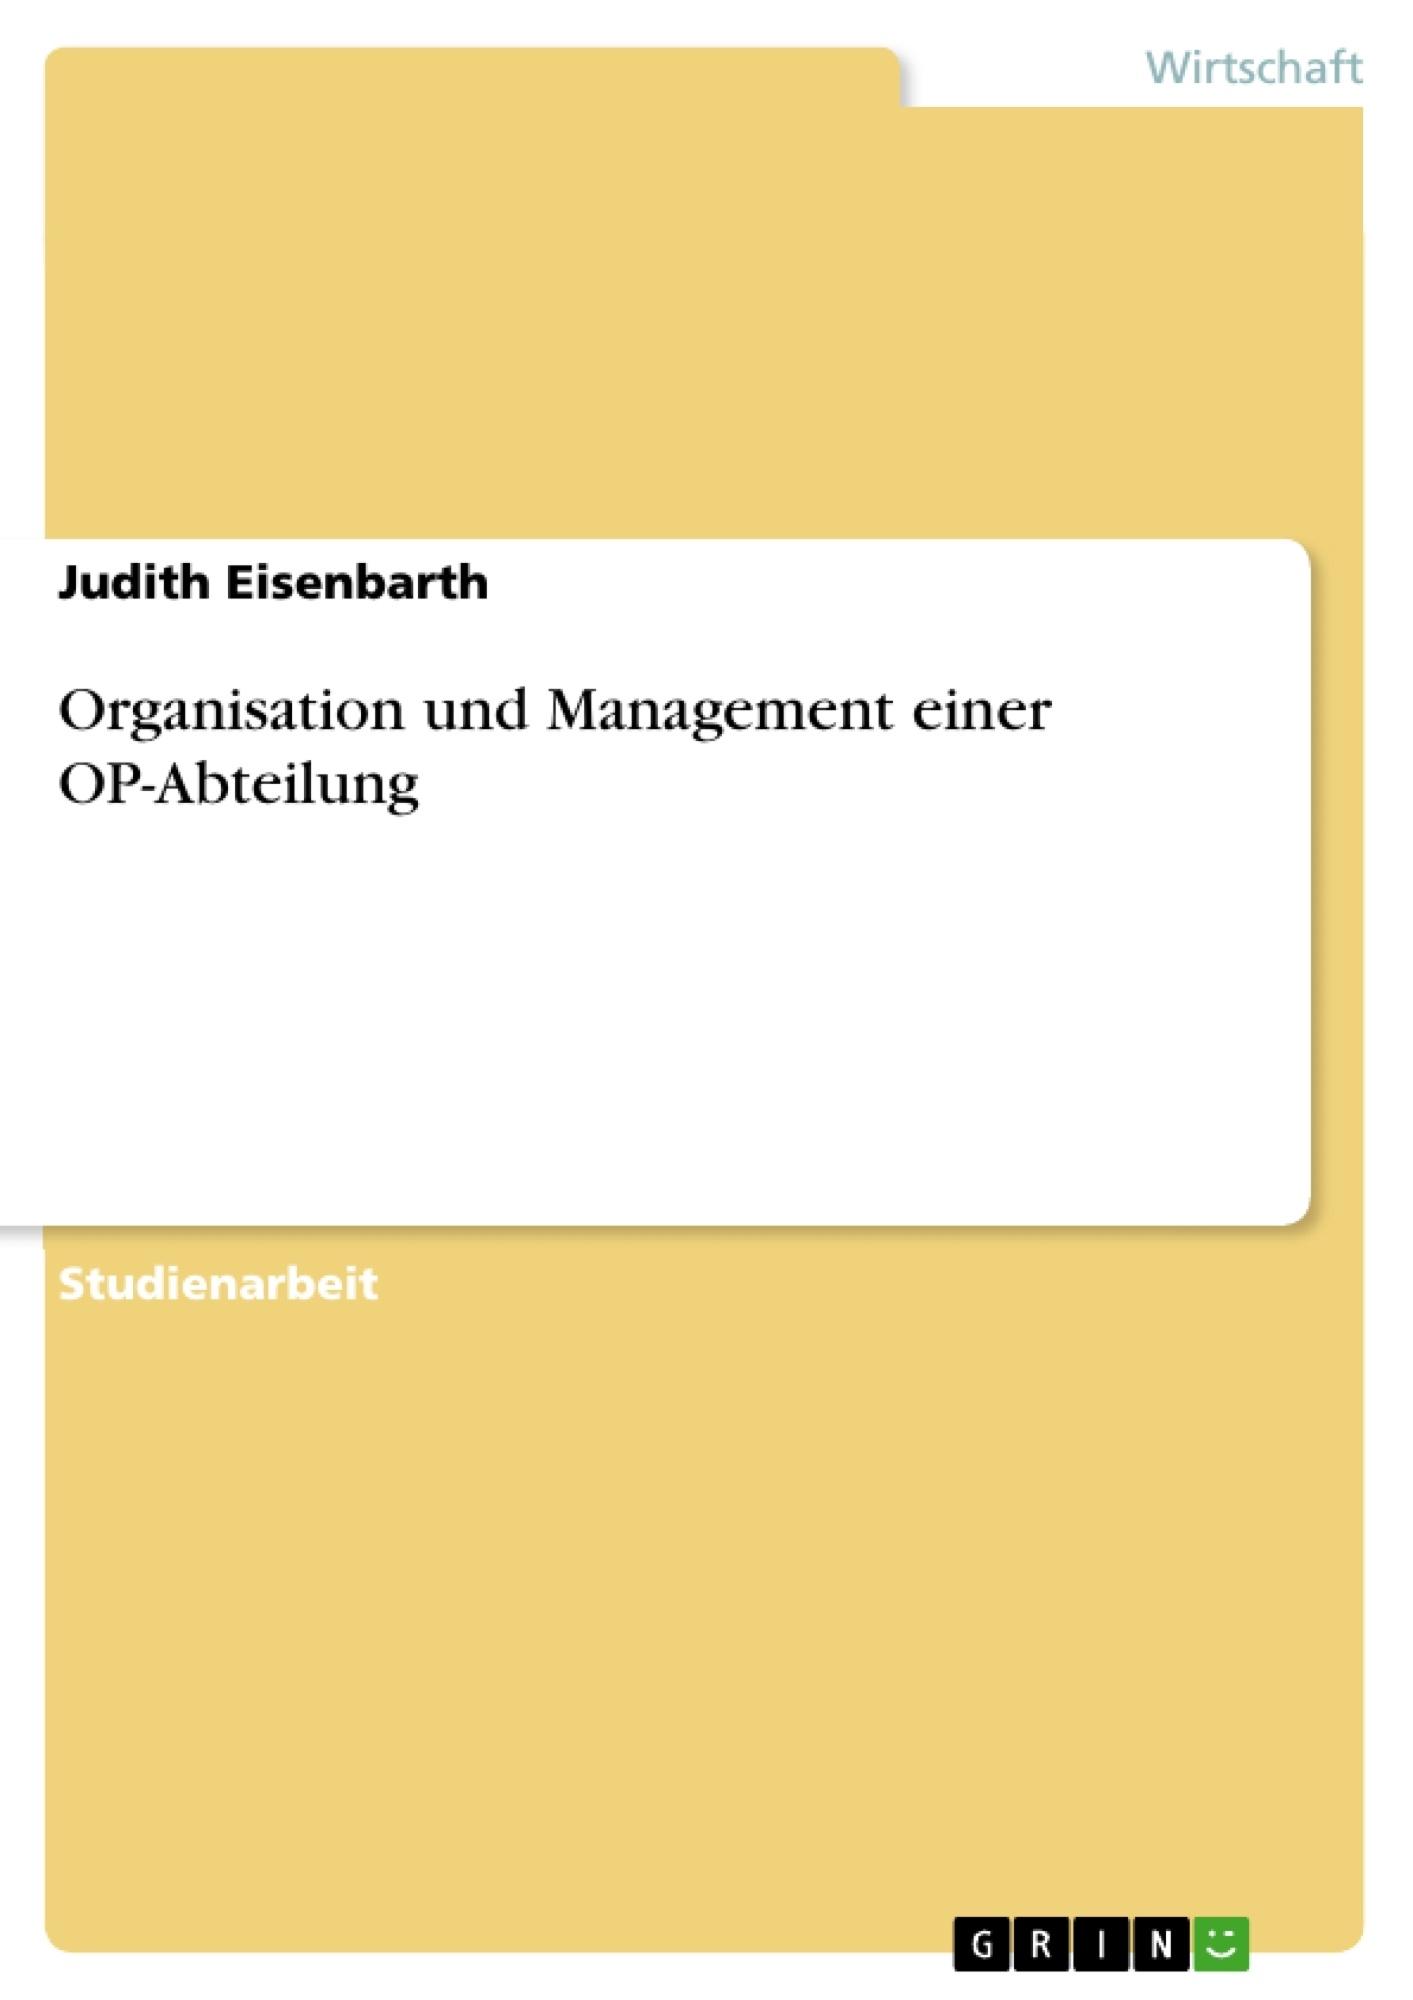 Titel: Organisation und Management einer OP-Abteilung